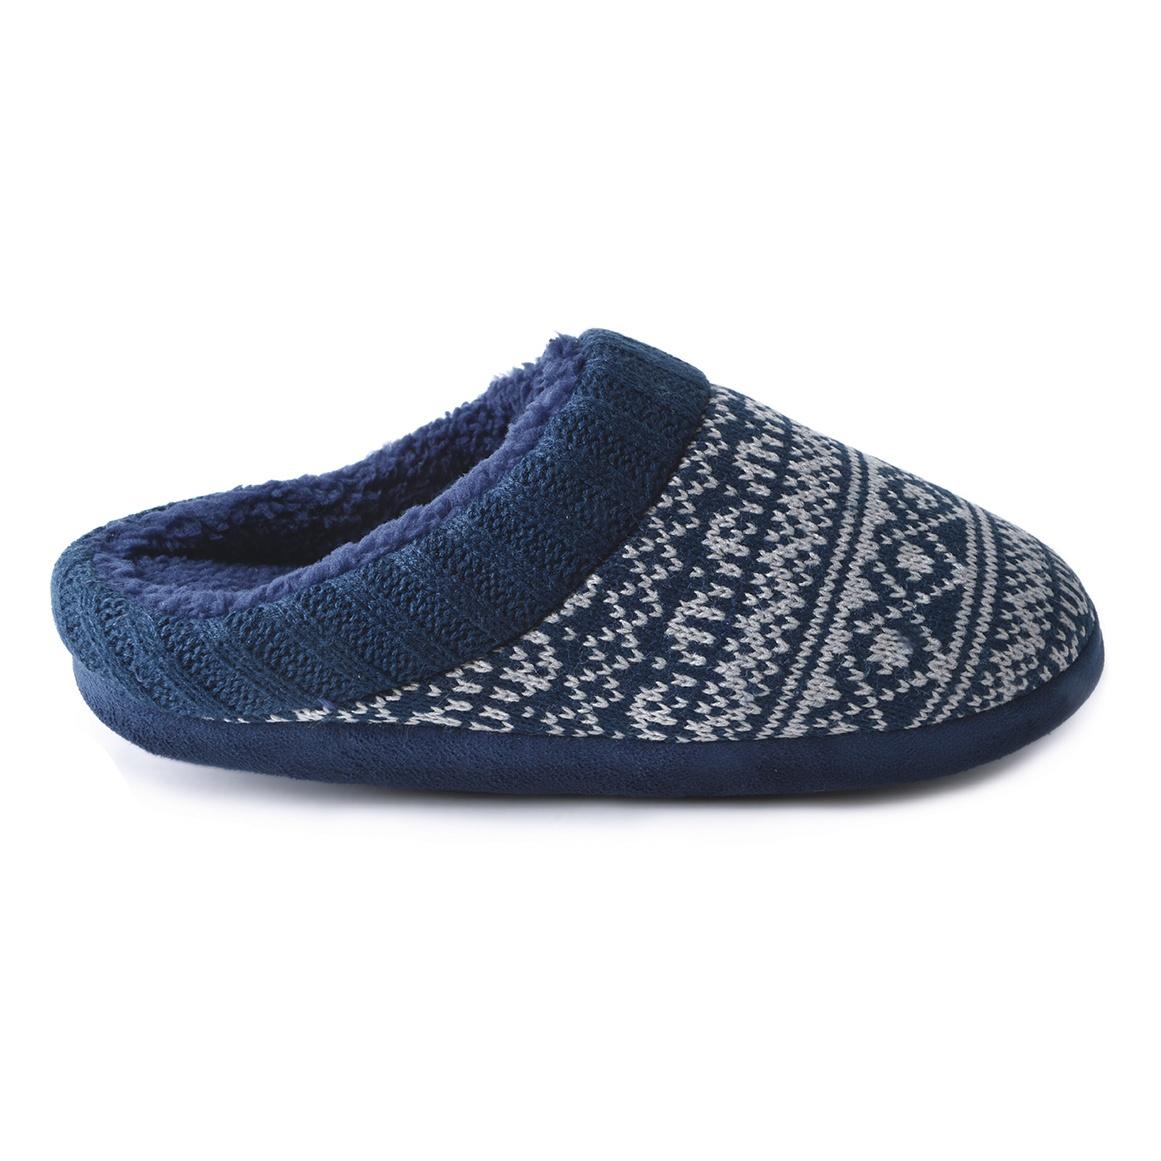 Abbigliamento e accessori > Uomo: scarpe > Pantofole